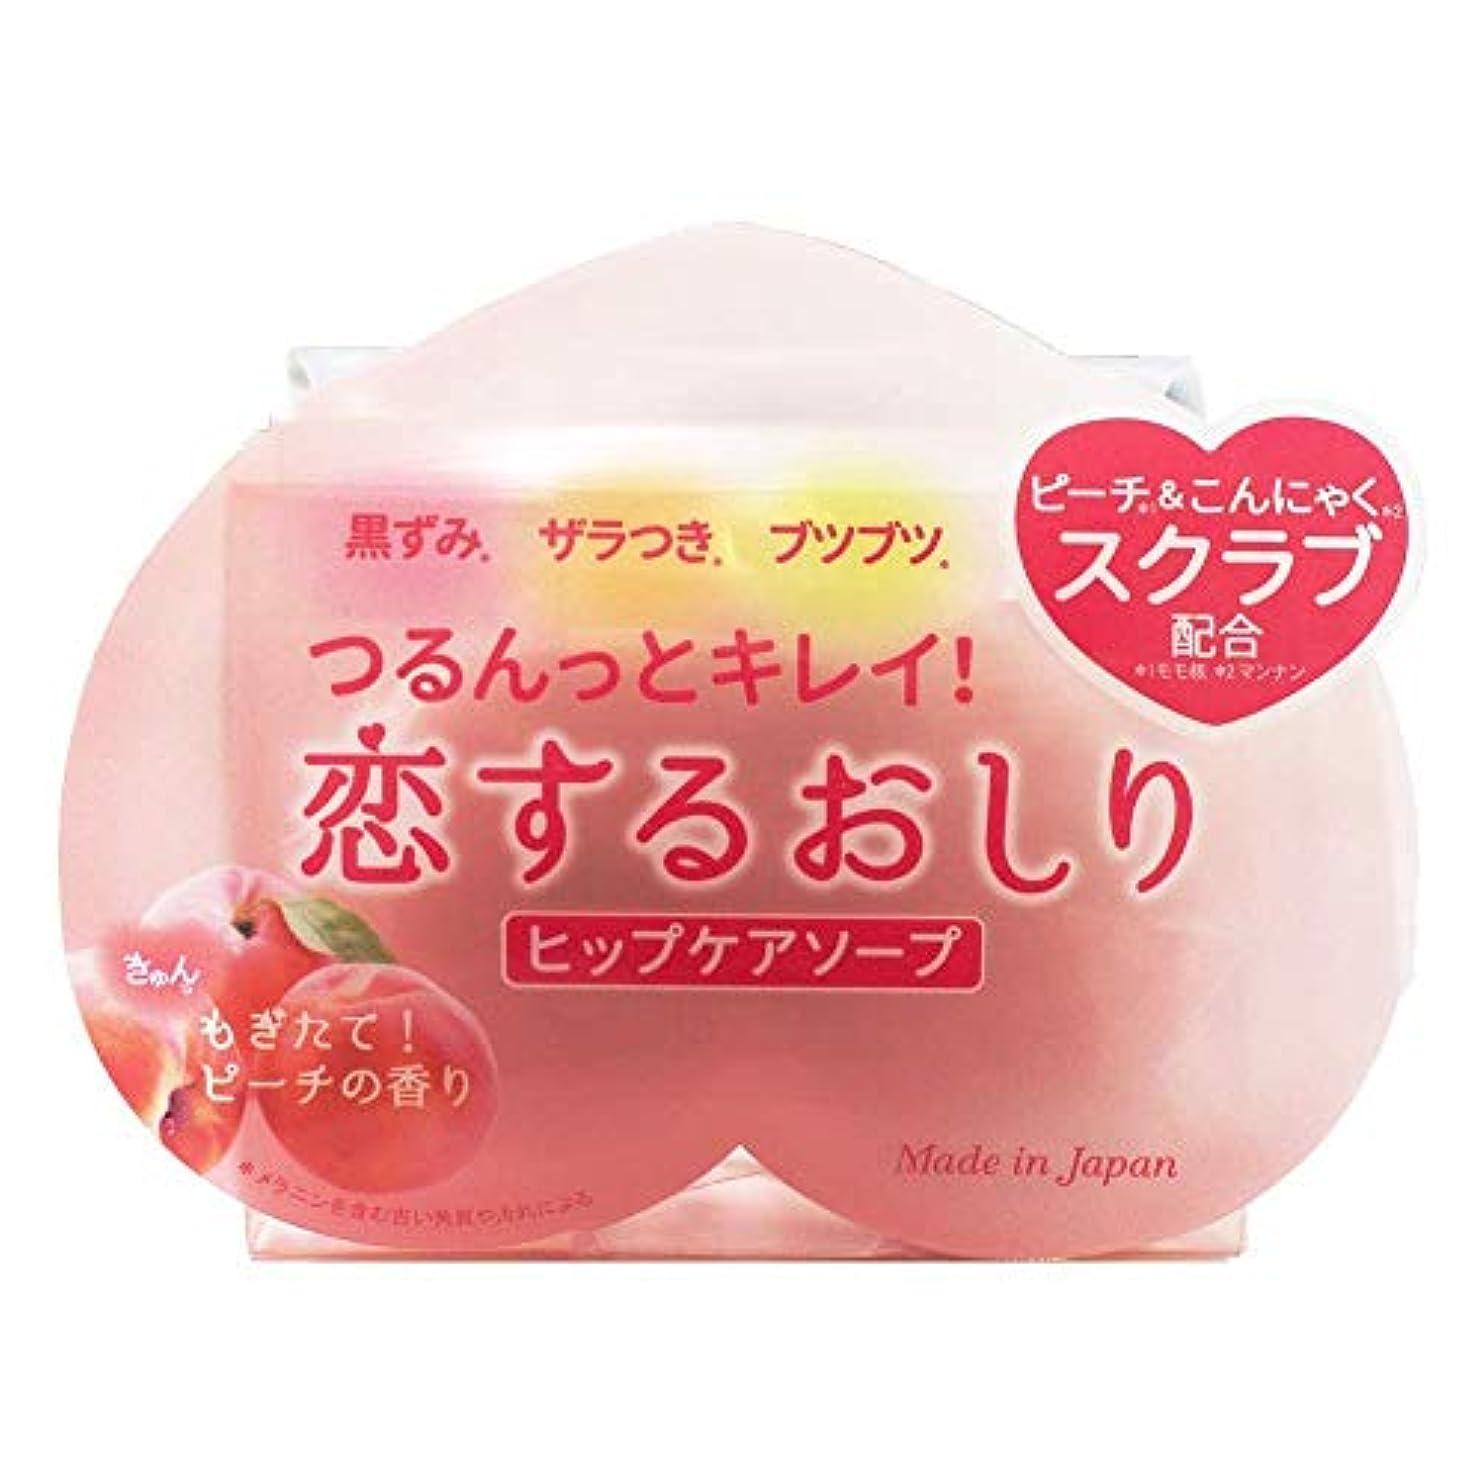 ロッドフォローシソーラス【まとめ買い】ペリカン石鹸 恋するおしり ヒップケアソープ 80g×3個